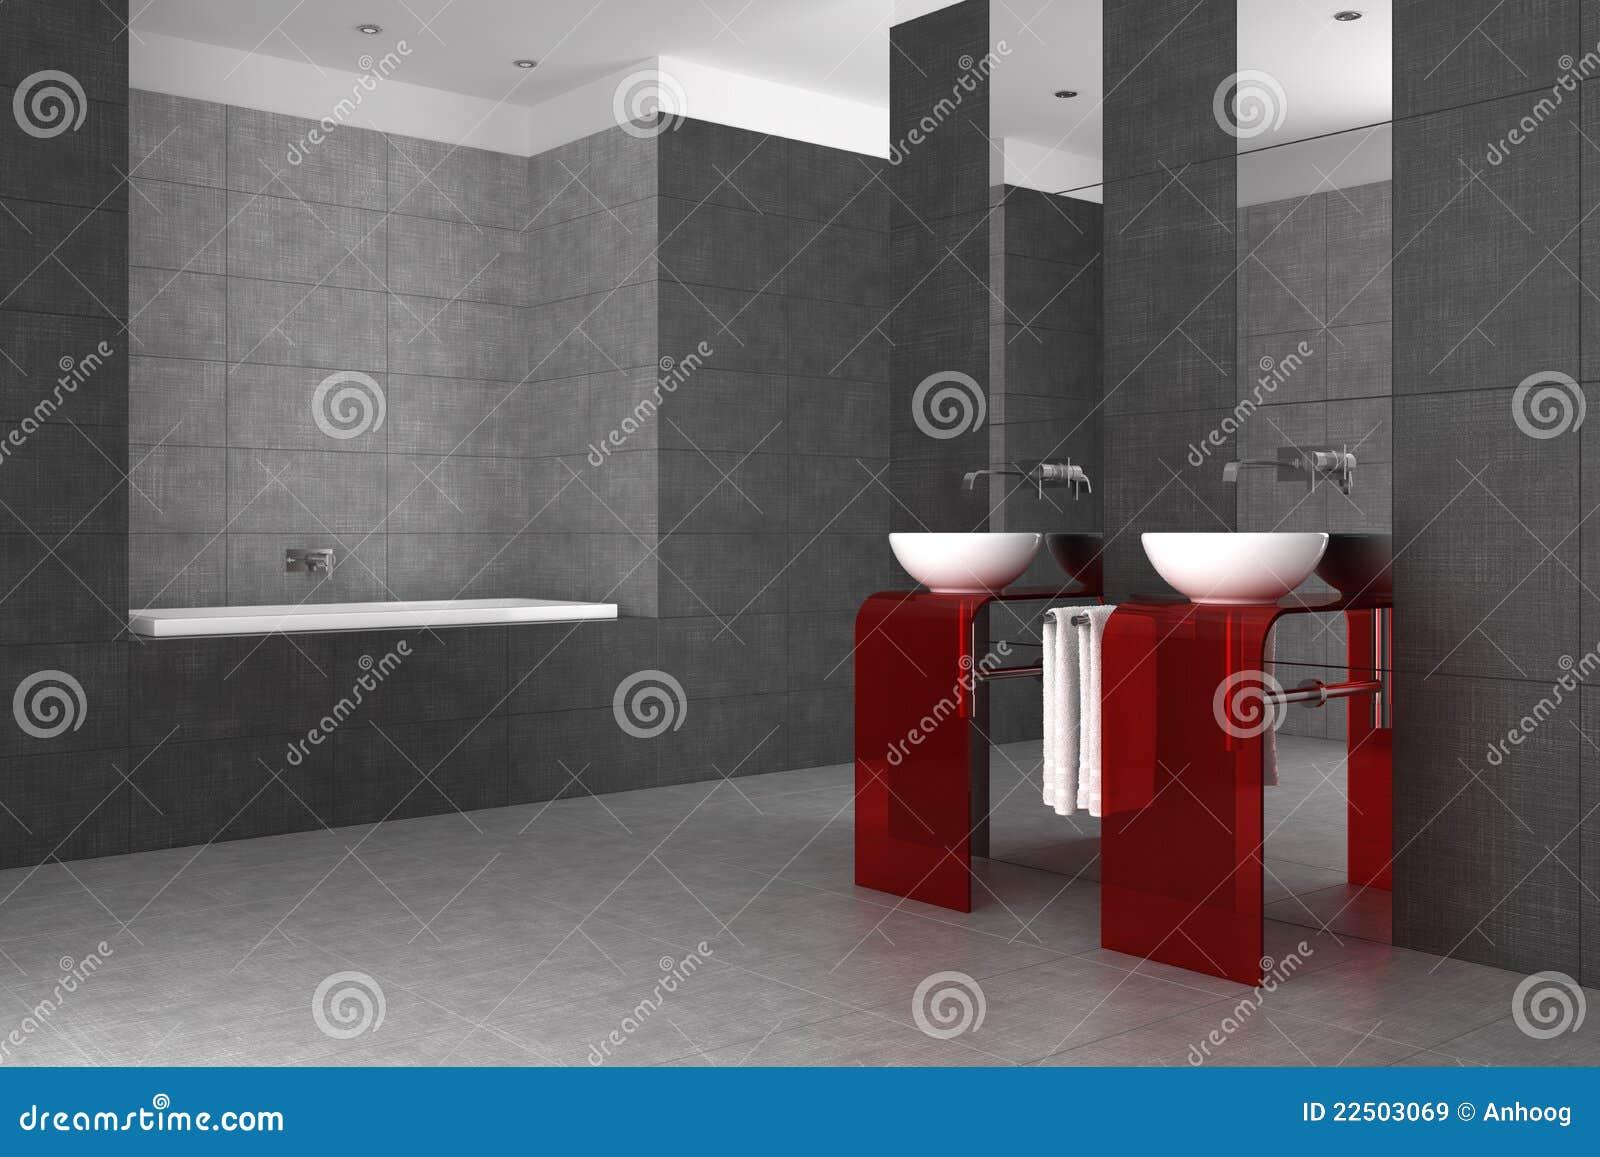 Betegelde badkamers met dubbele bassin en badkuip royalty vrije stock afbeeldingen afbeelding - Betegelde rode badkamer ...